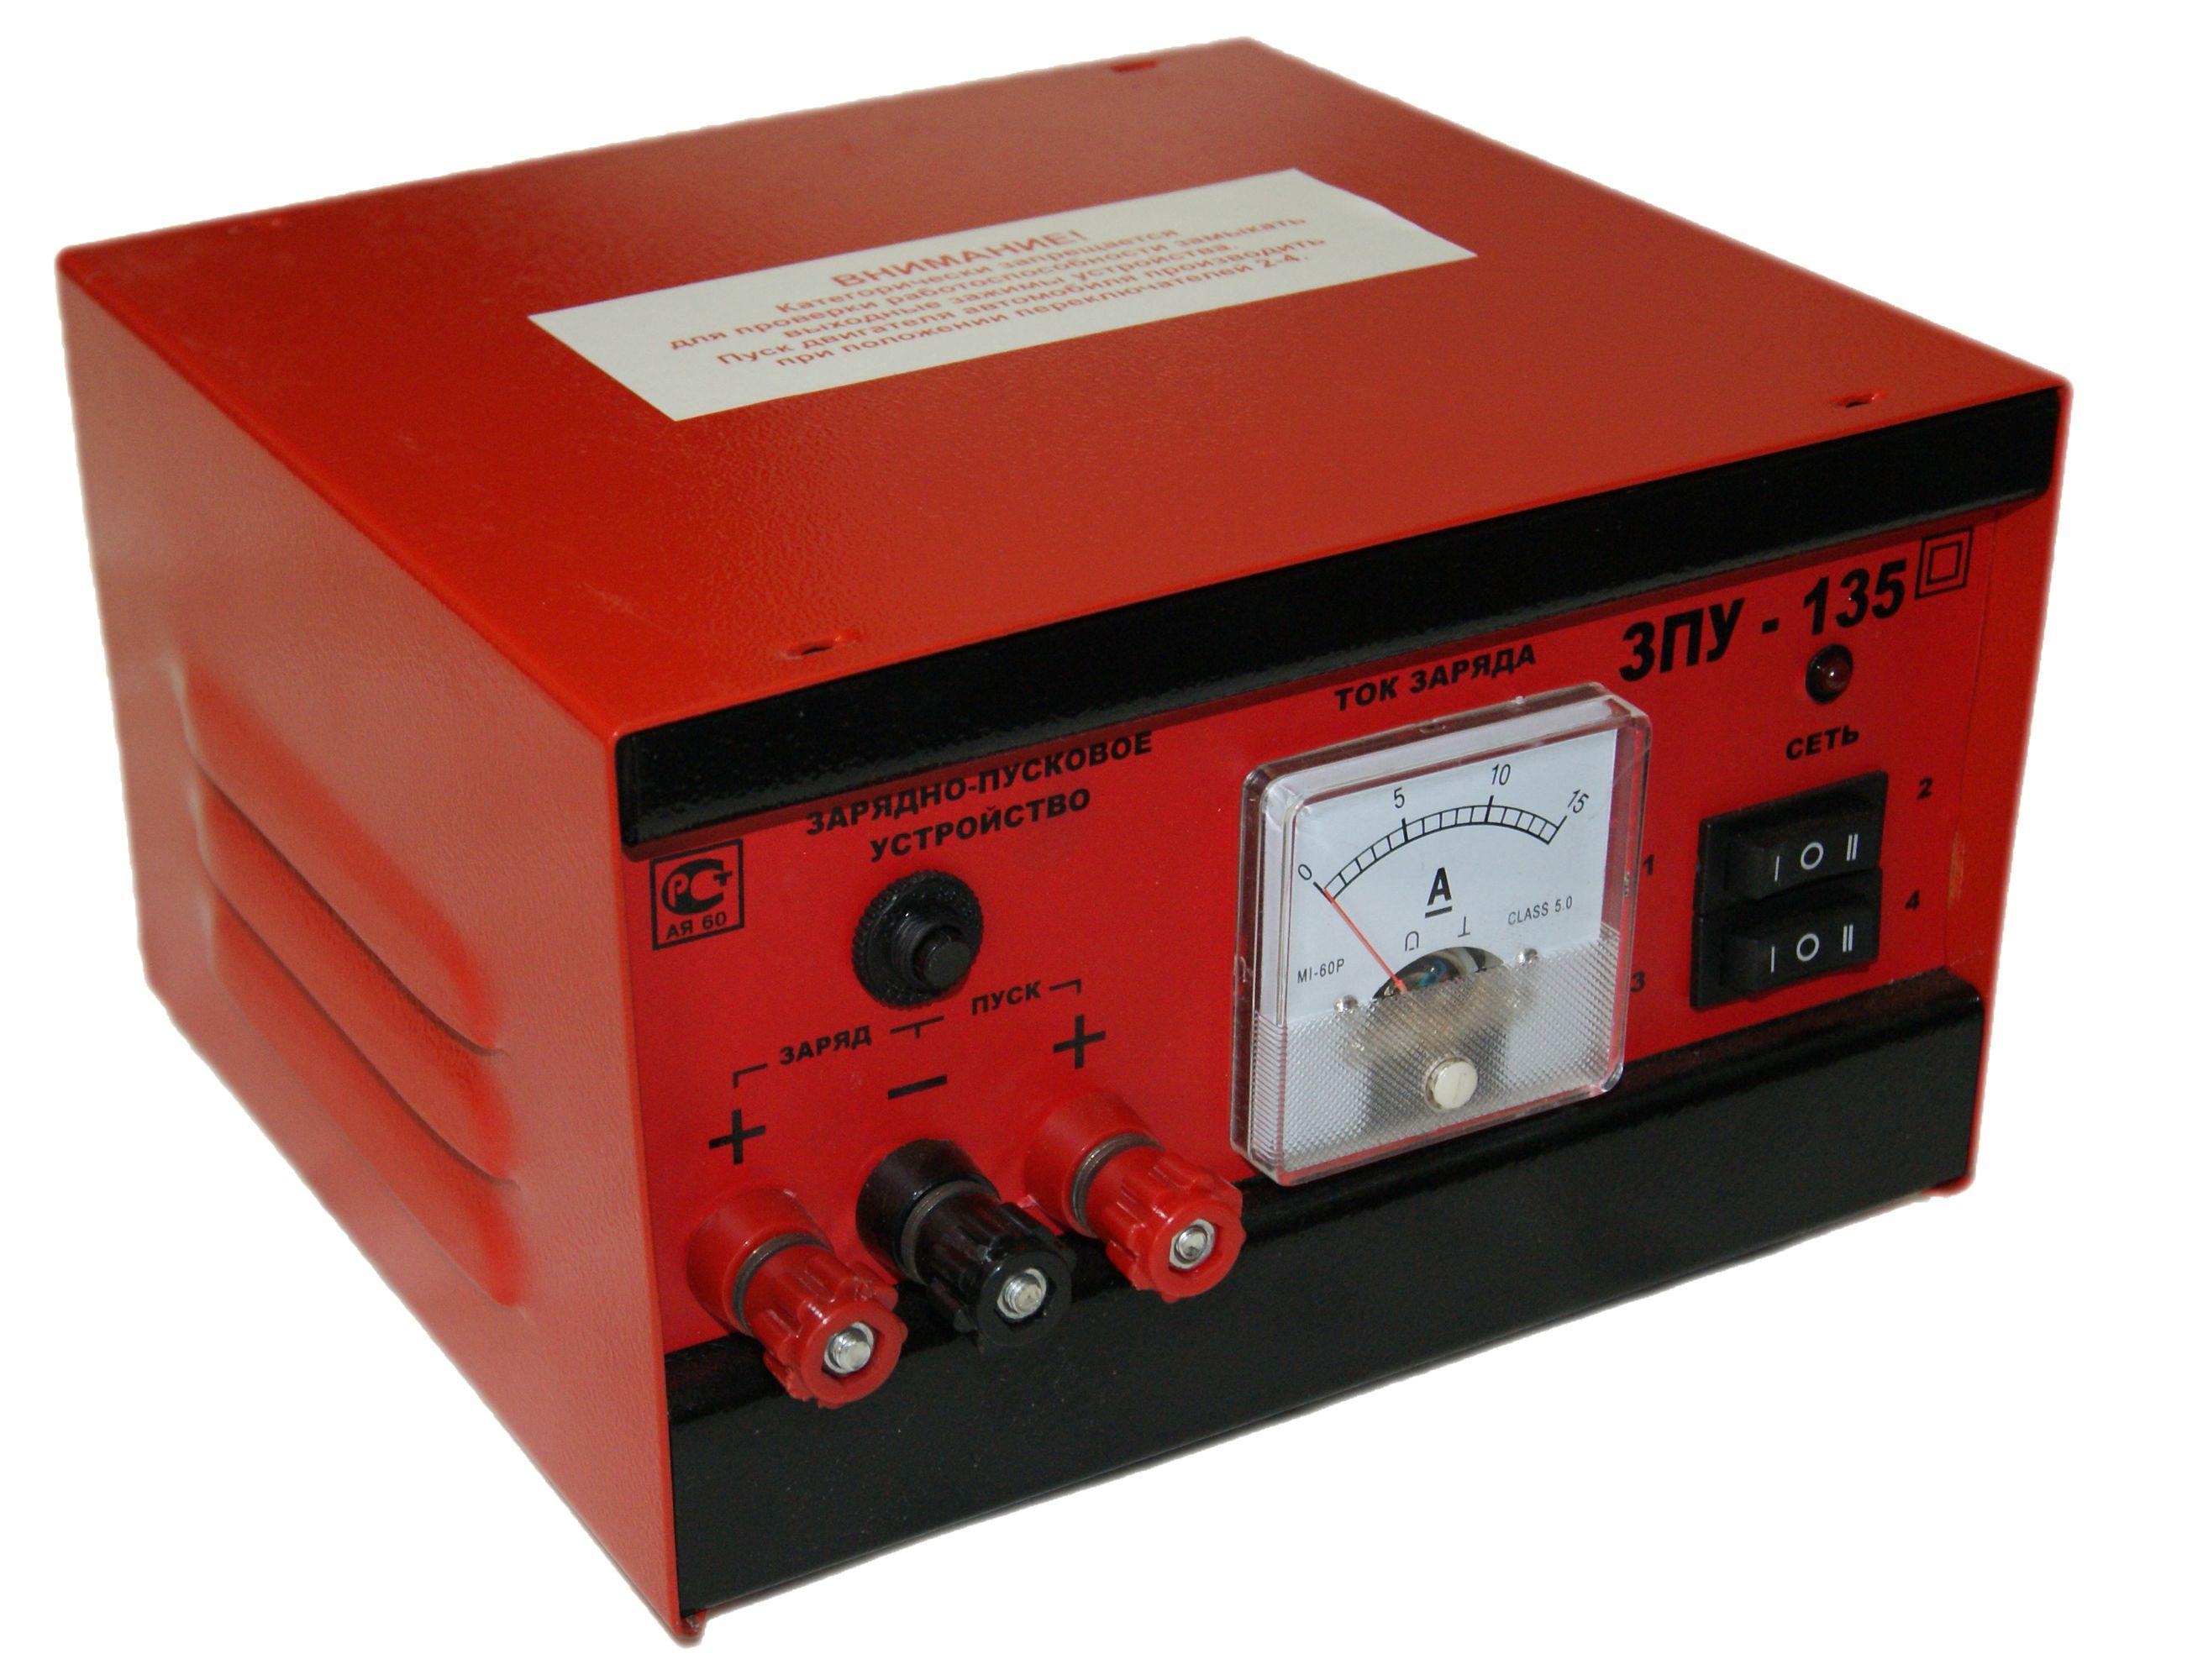 Зпу-135 схема электрическая